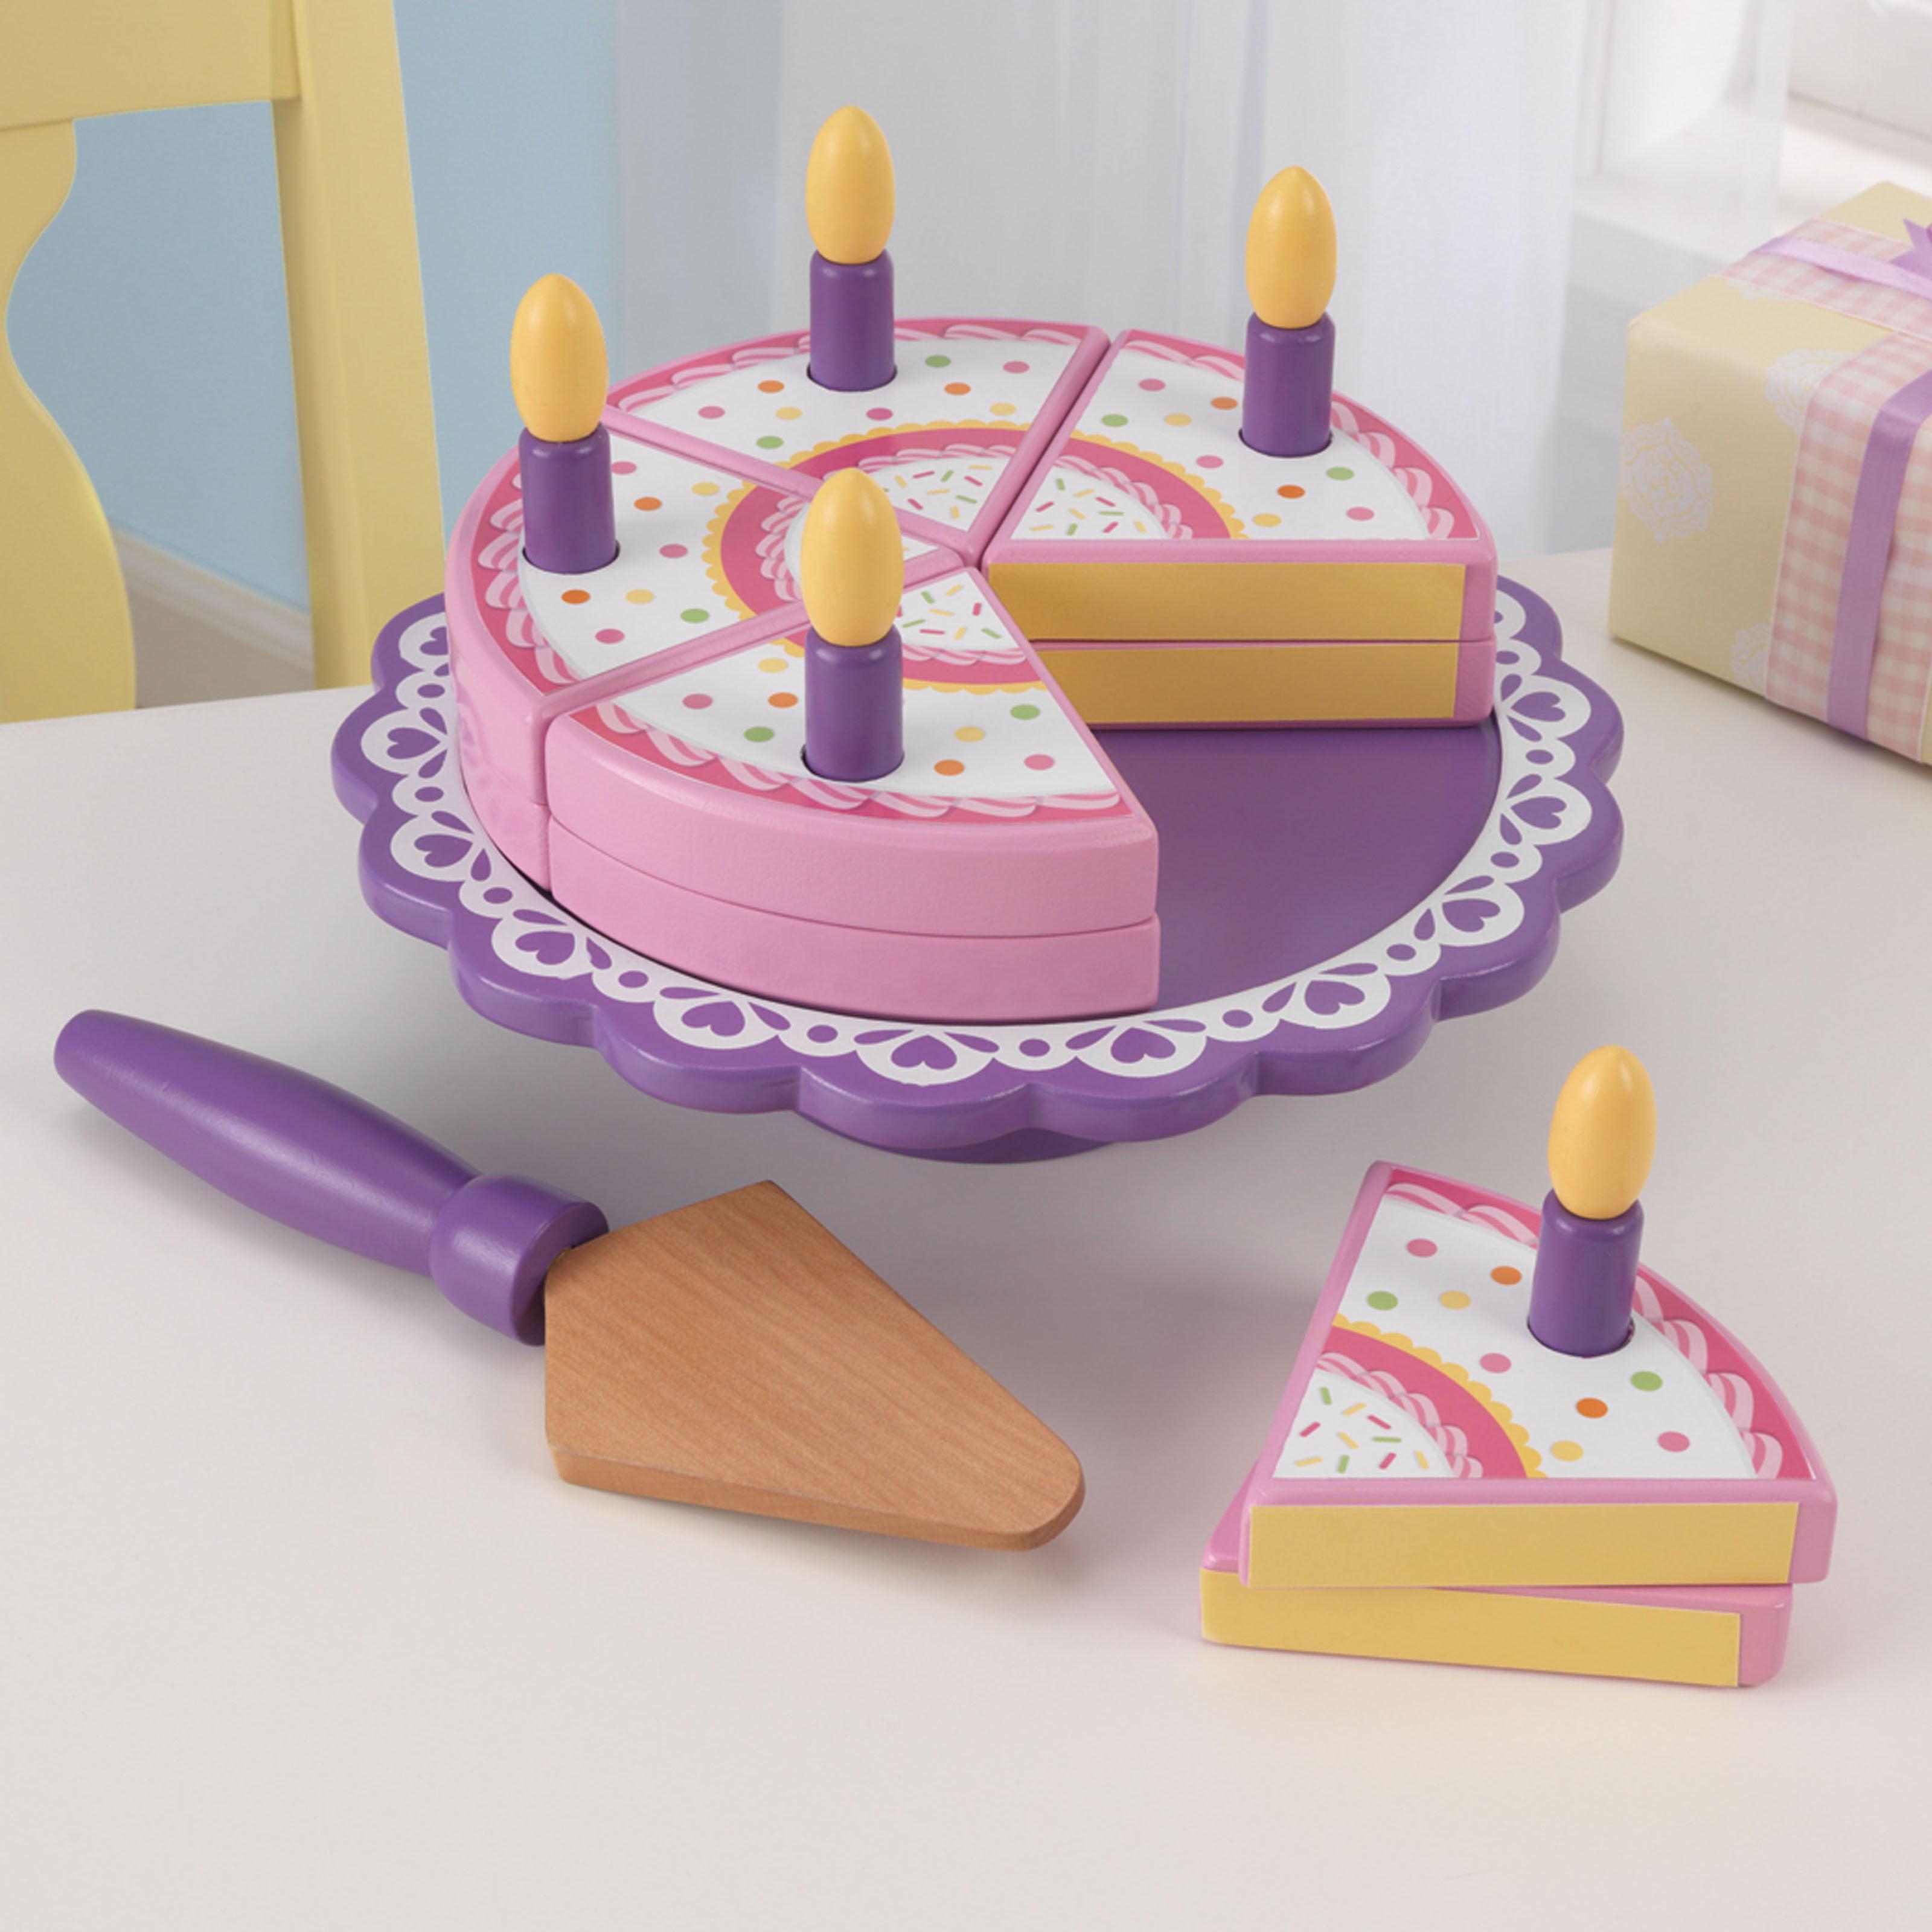 KidKraft Birthday Cake Set 63178 by KidKraft